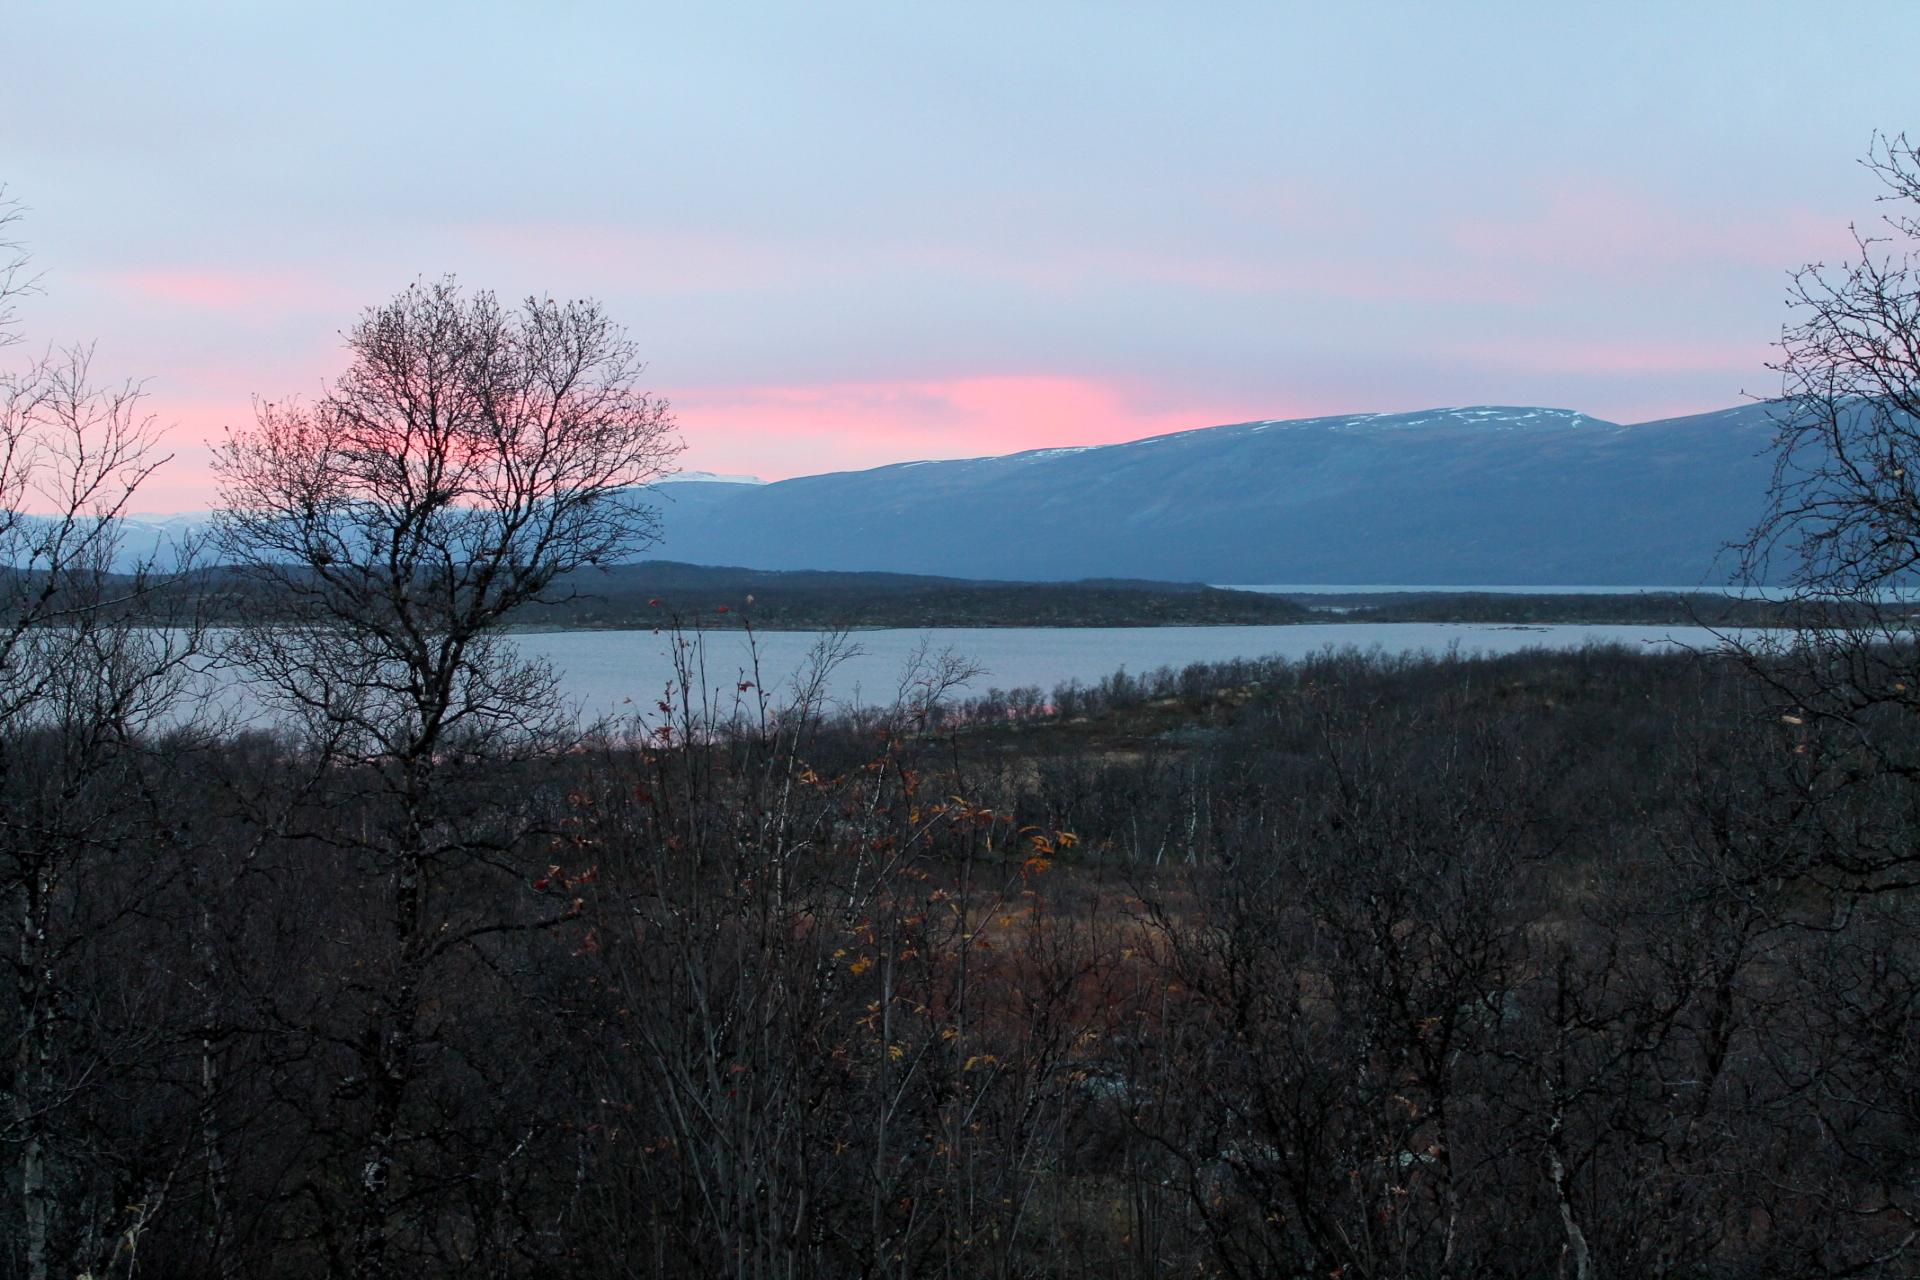 auringonlasku ruotsi maisema